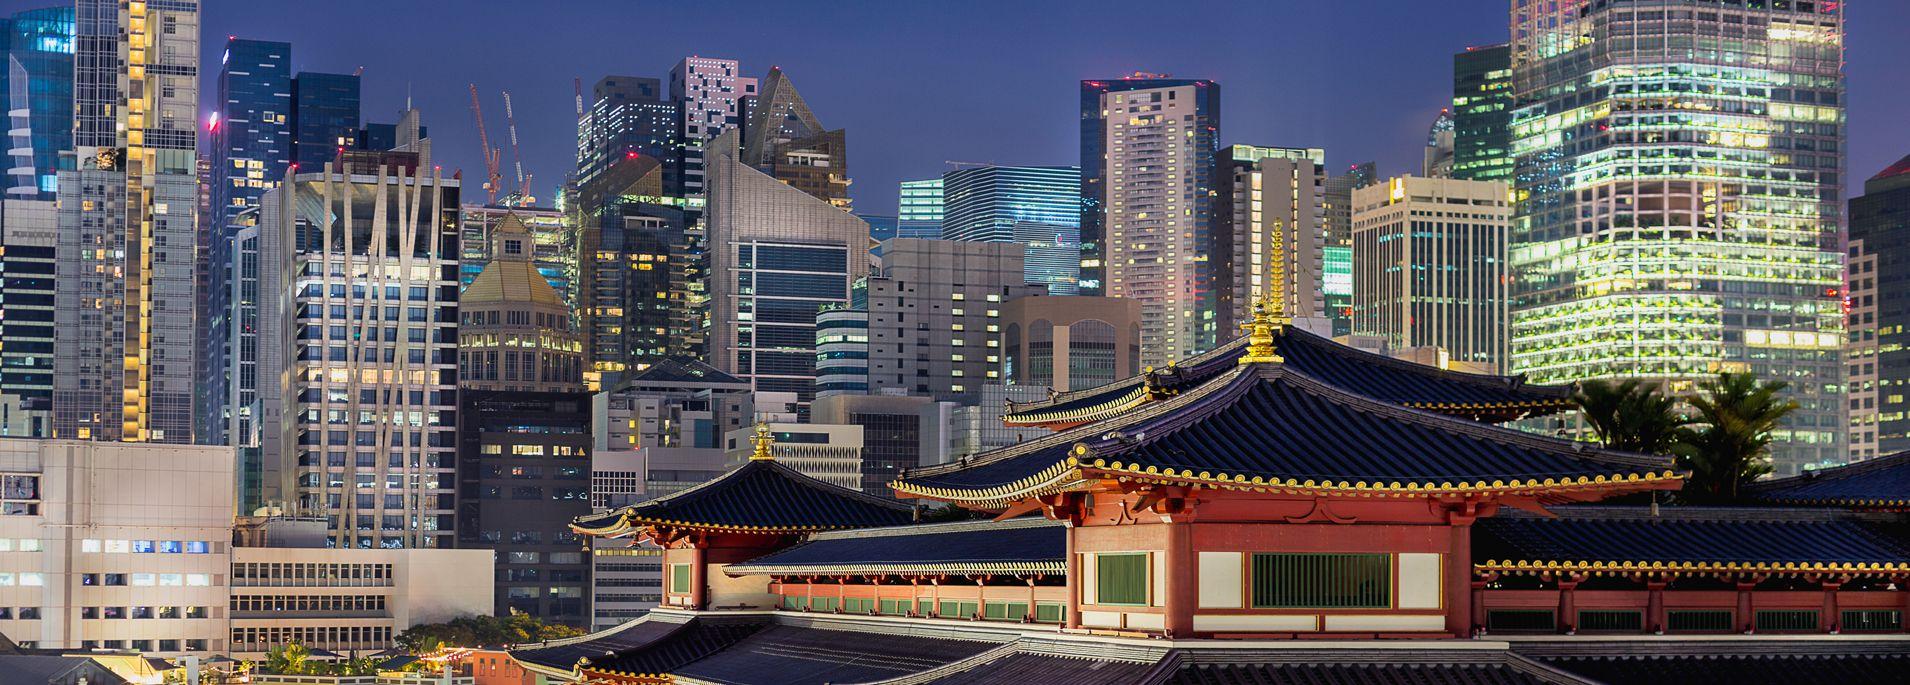 Singapore Dale Ventures Asia Pacific Region